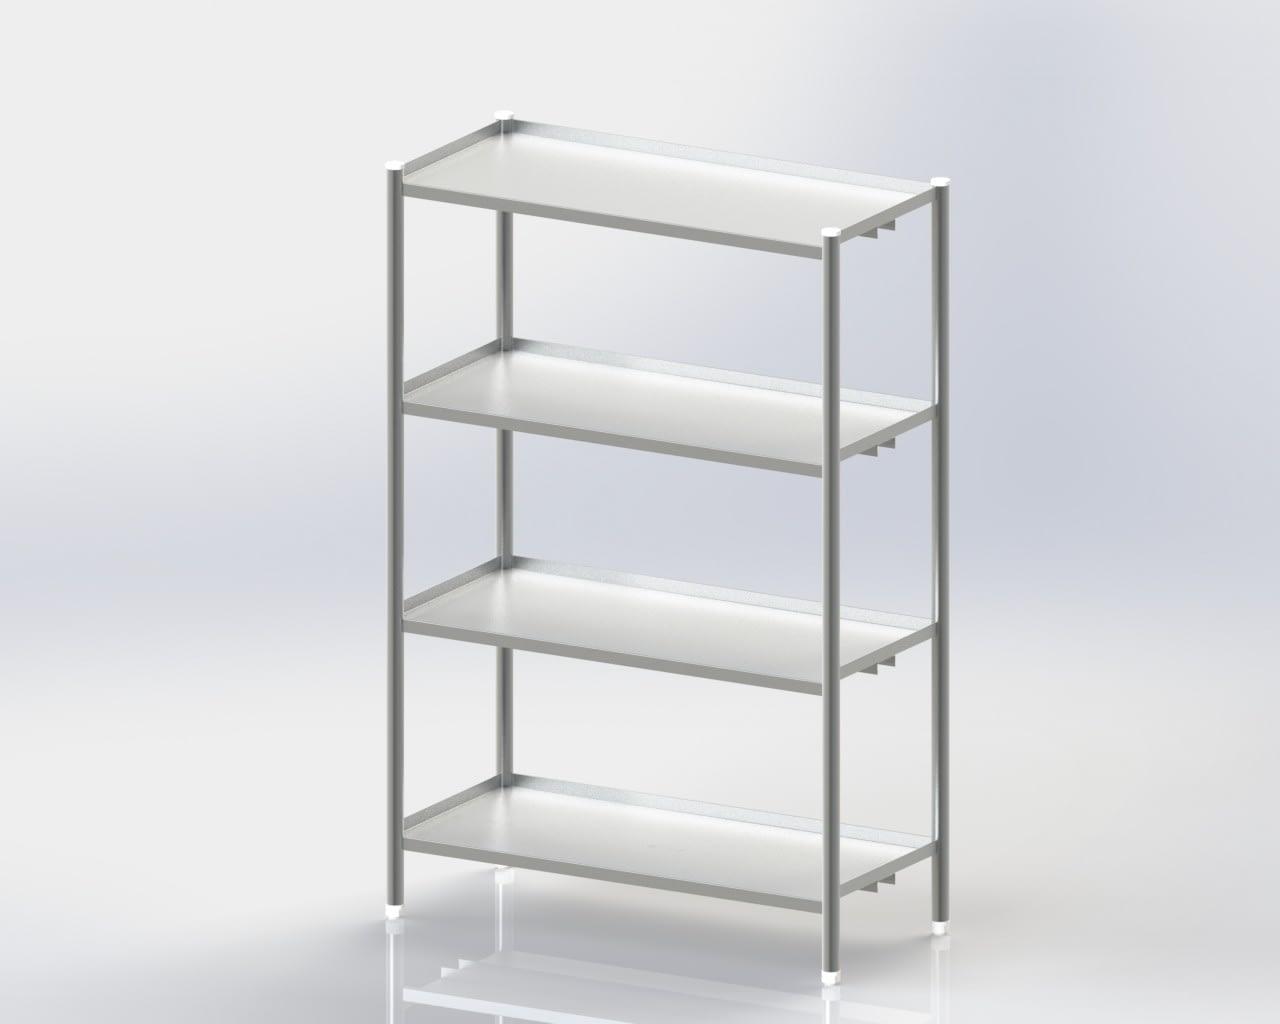 4 Storage Shelves / Standard / Mobile